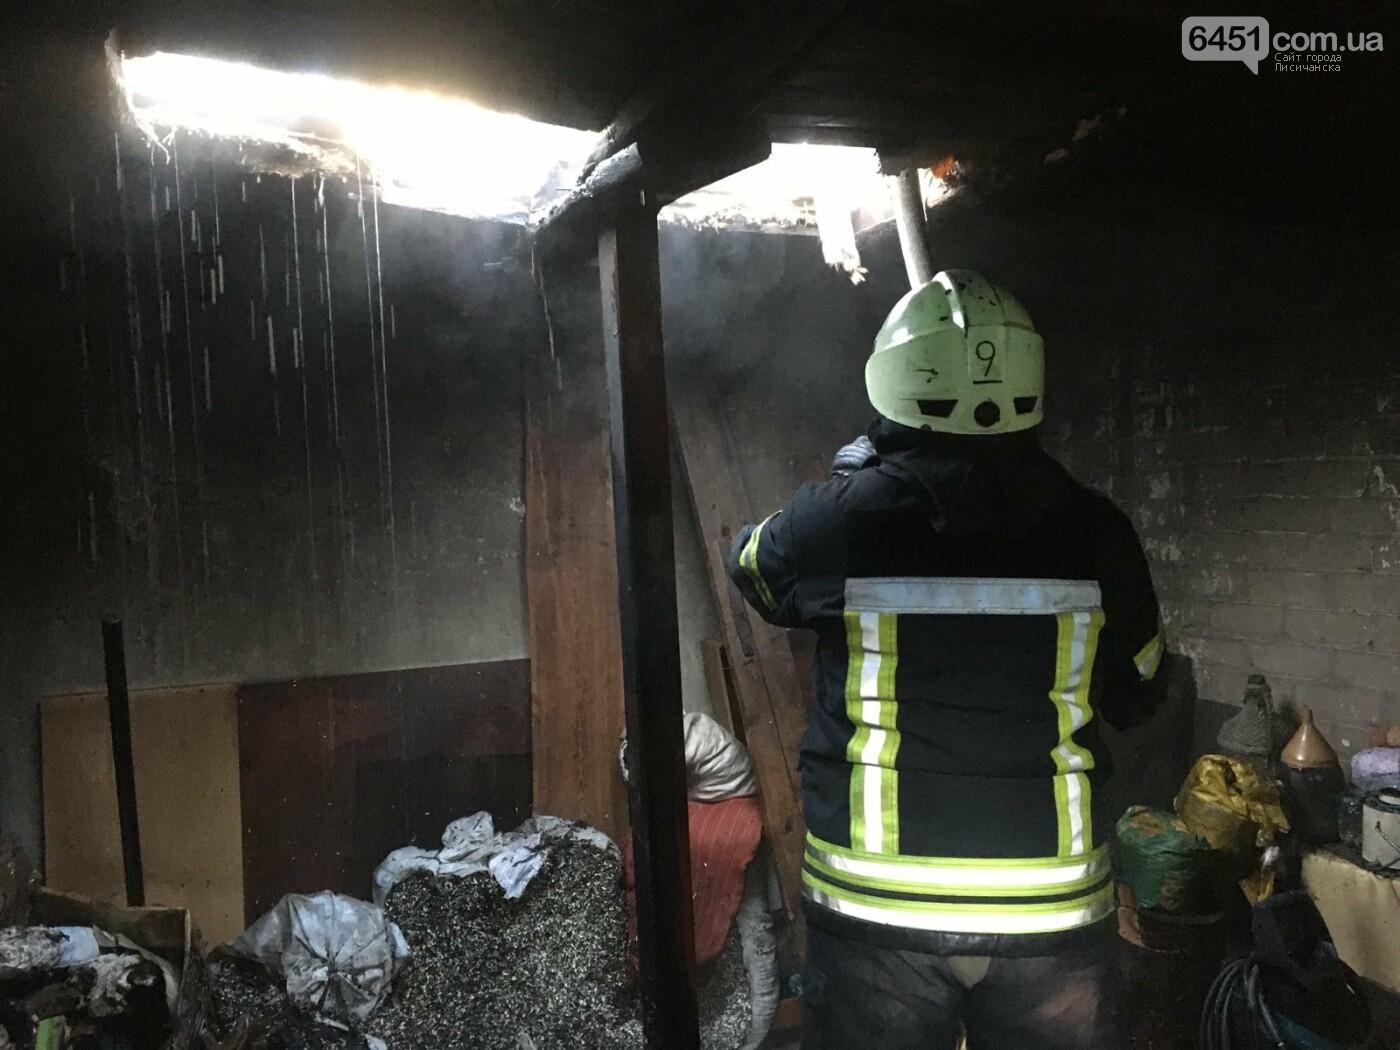 Спасатели ликвидировали пожар на частном дворе в Лисичанске, фото-1